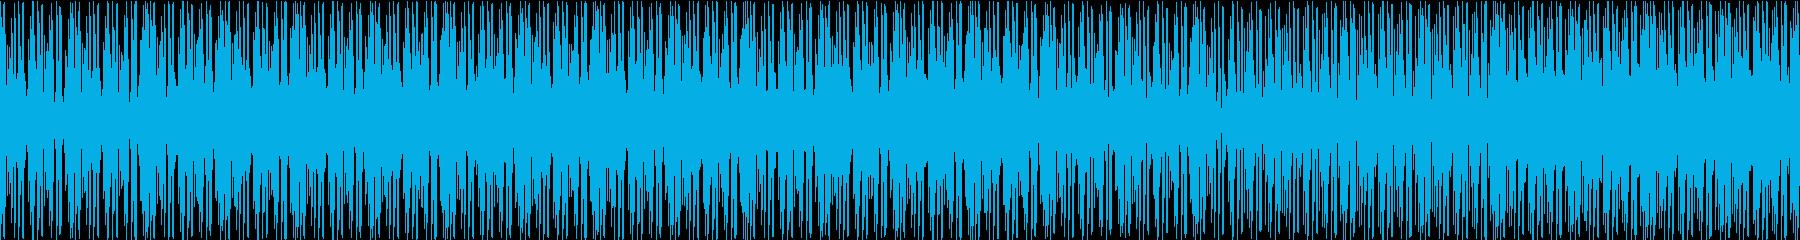 ヒップホップ楽器。圧倒的な、ストリ...の再生済みの波形